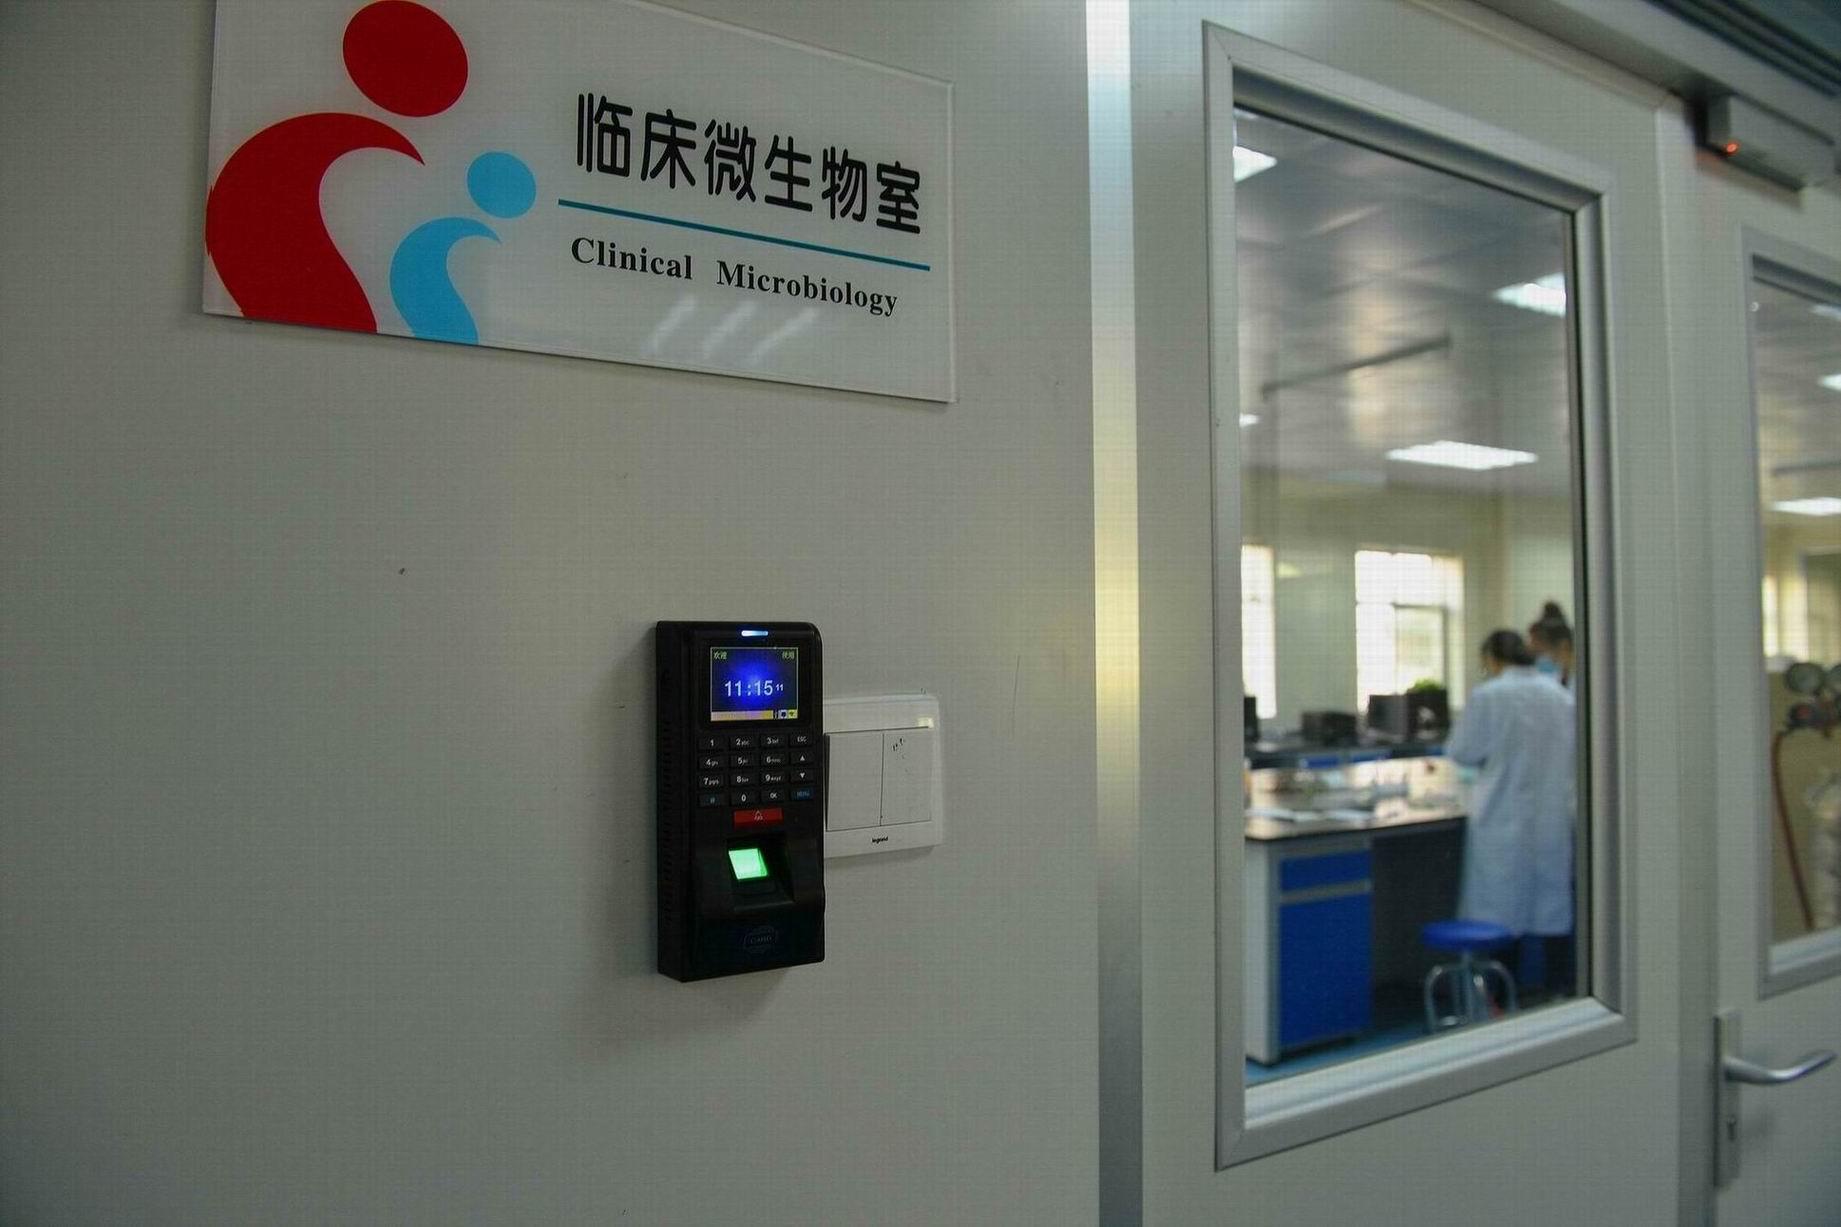 我院检验科按实验室生物安全要求完成装修改造